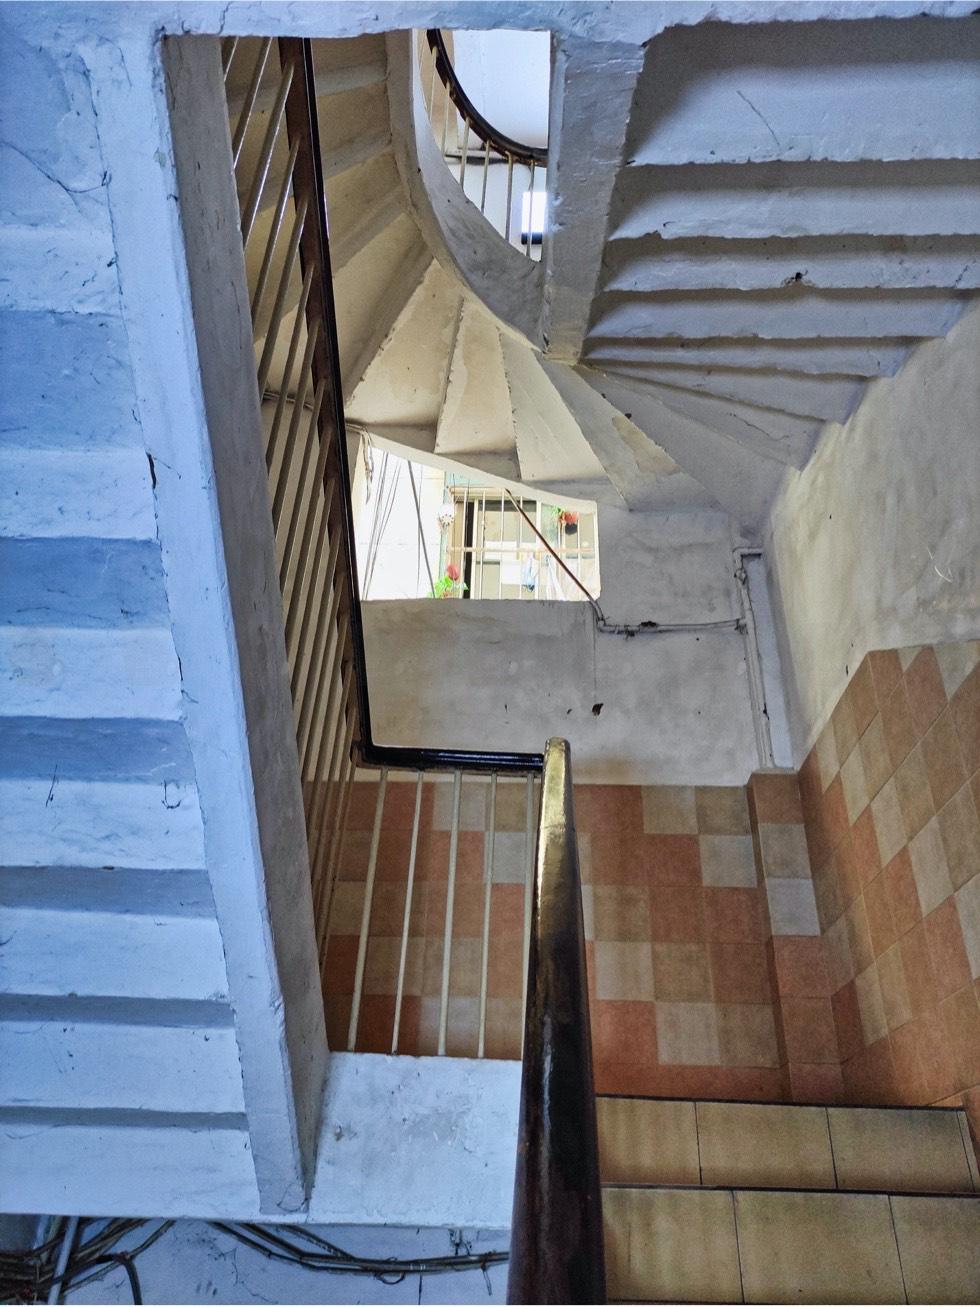 BAN Ca Phe Stairs